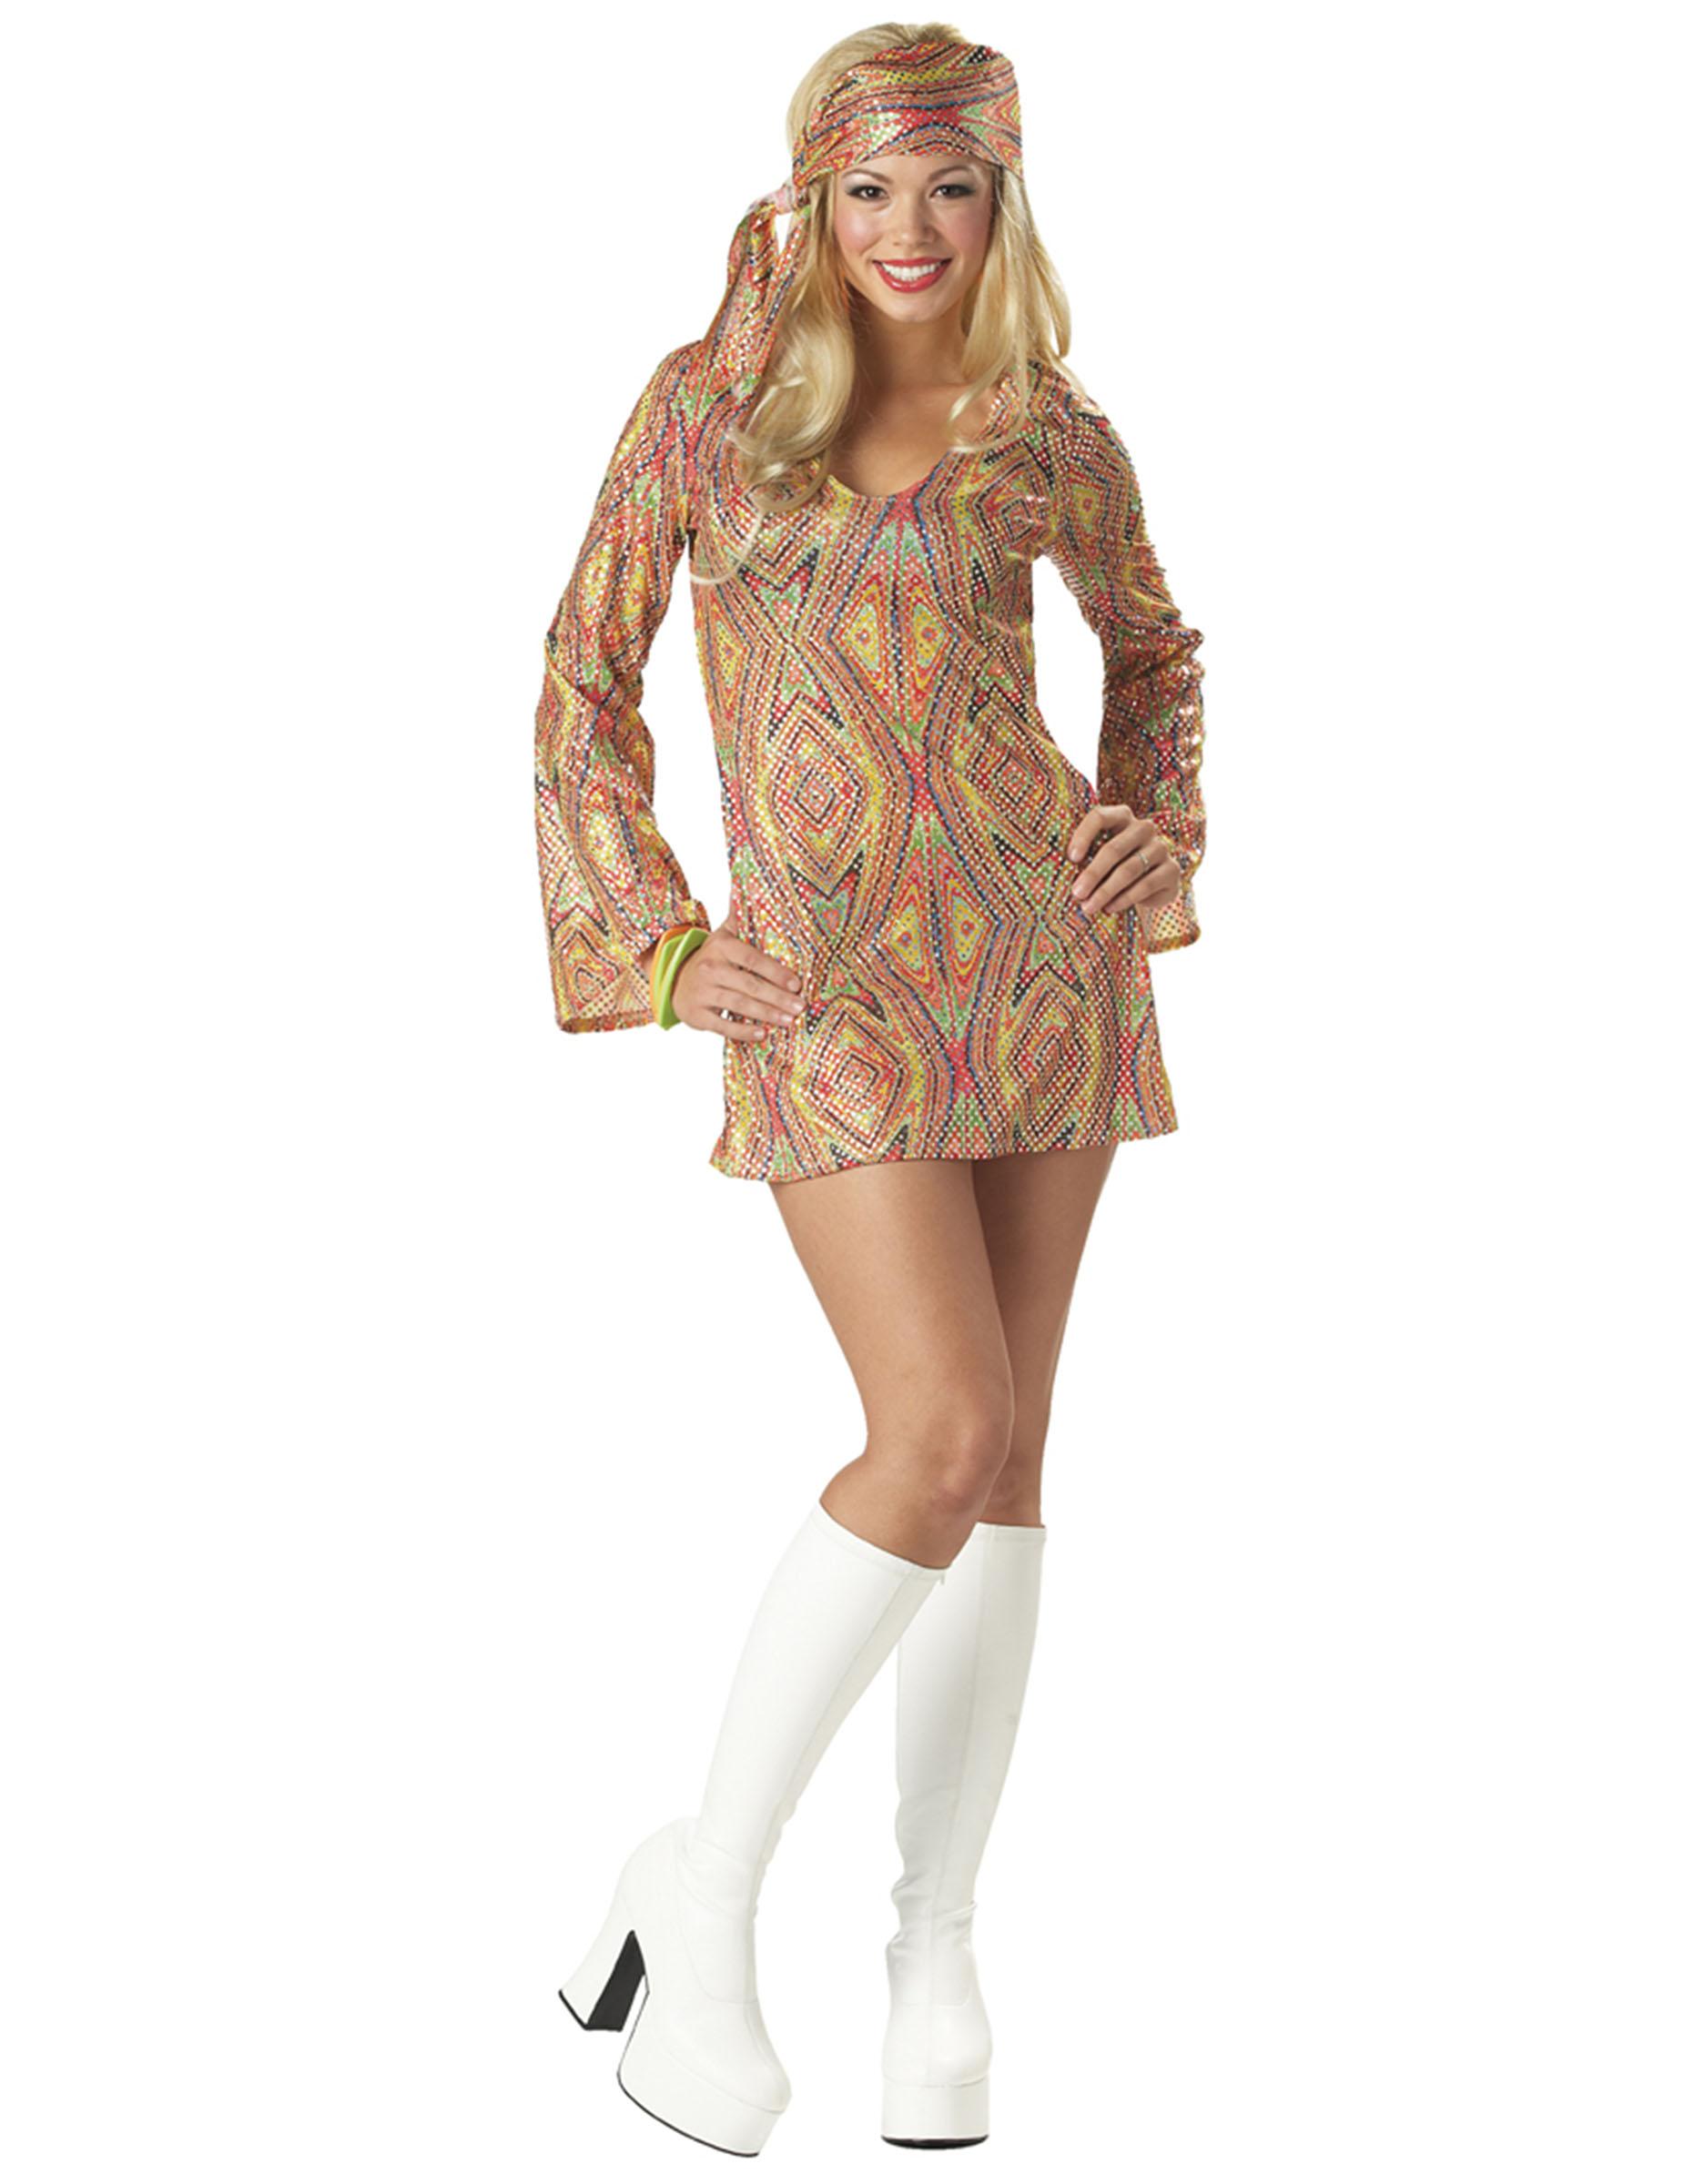 sexy pailletten disco outfit f r damen kost me f r erwachsene und g nstige faschingskost me. Black Bedroom Furniture Sets. Home Design Ideas